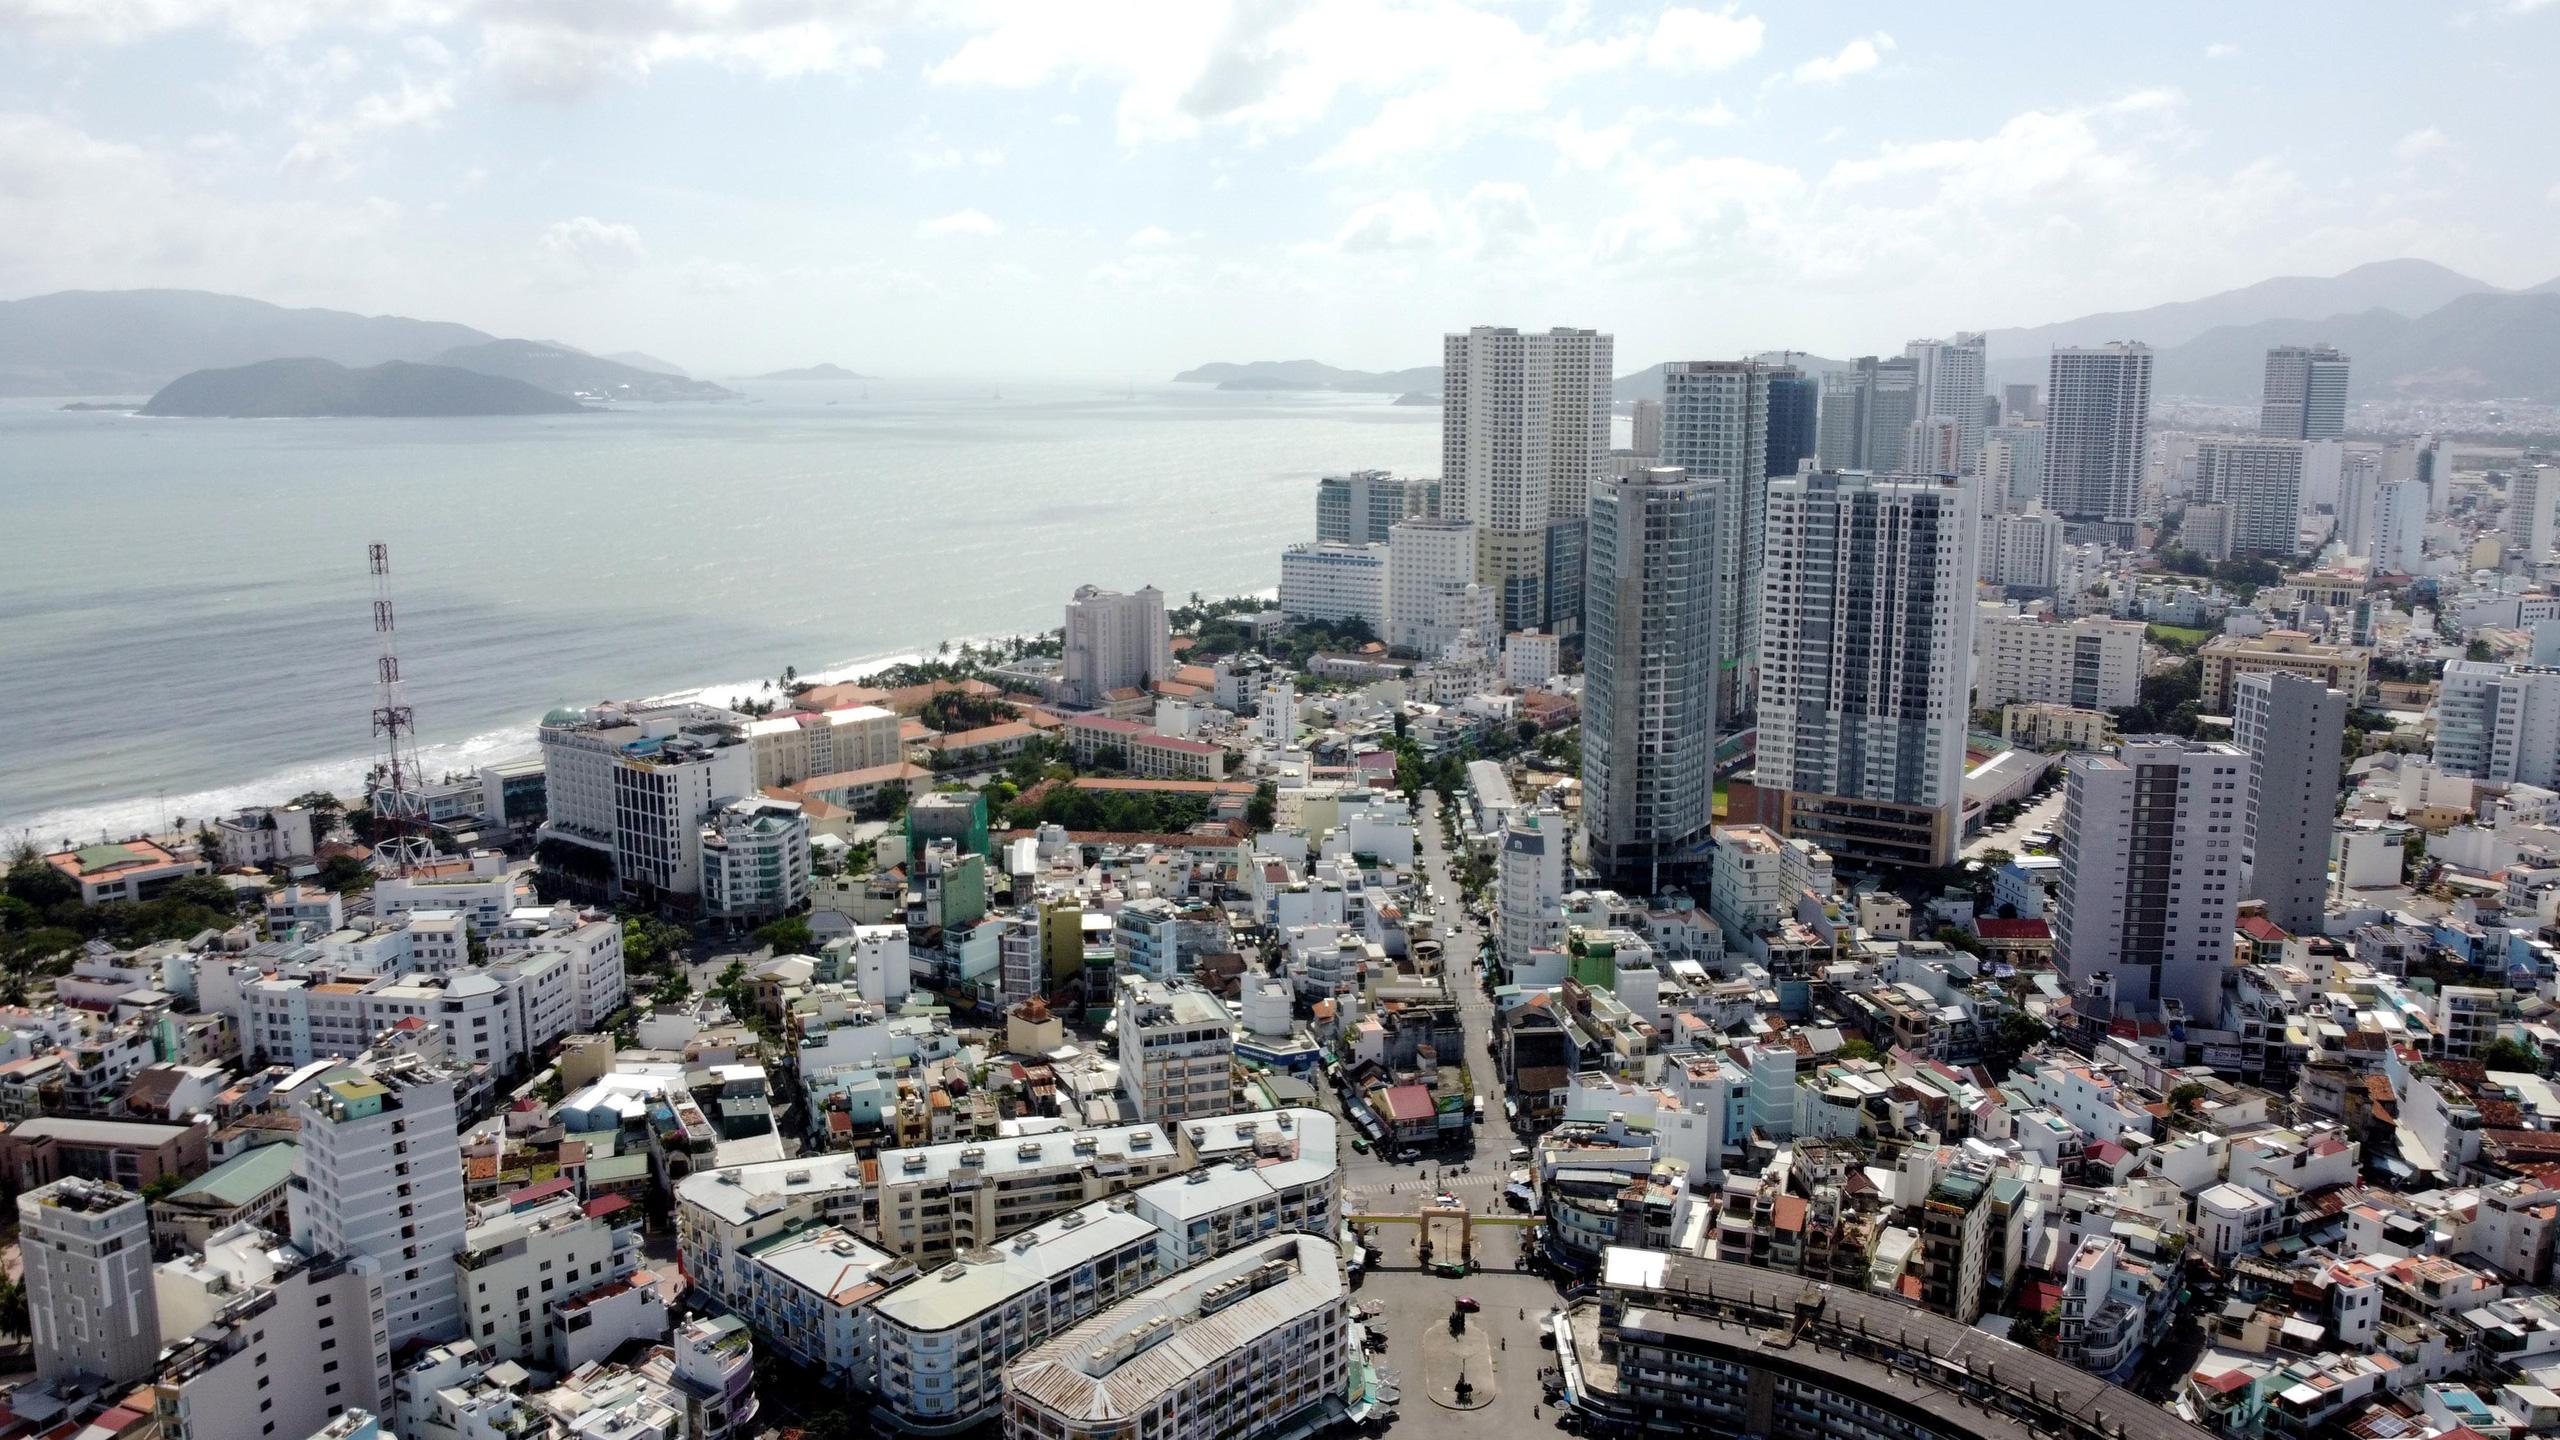 Cần 61 tỷ đồng để lập quy hoạch Khánh Hòa thời kỳ 2021 - 2030 - Ảnh 1.